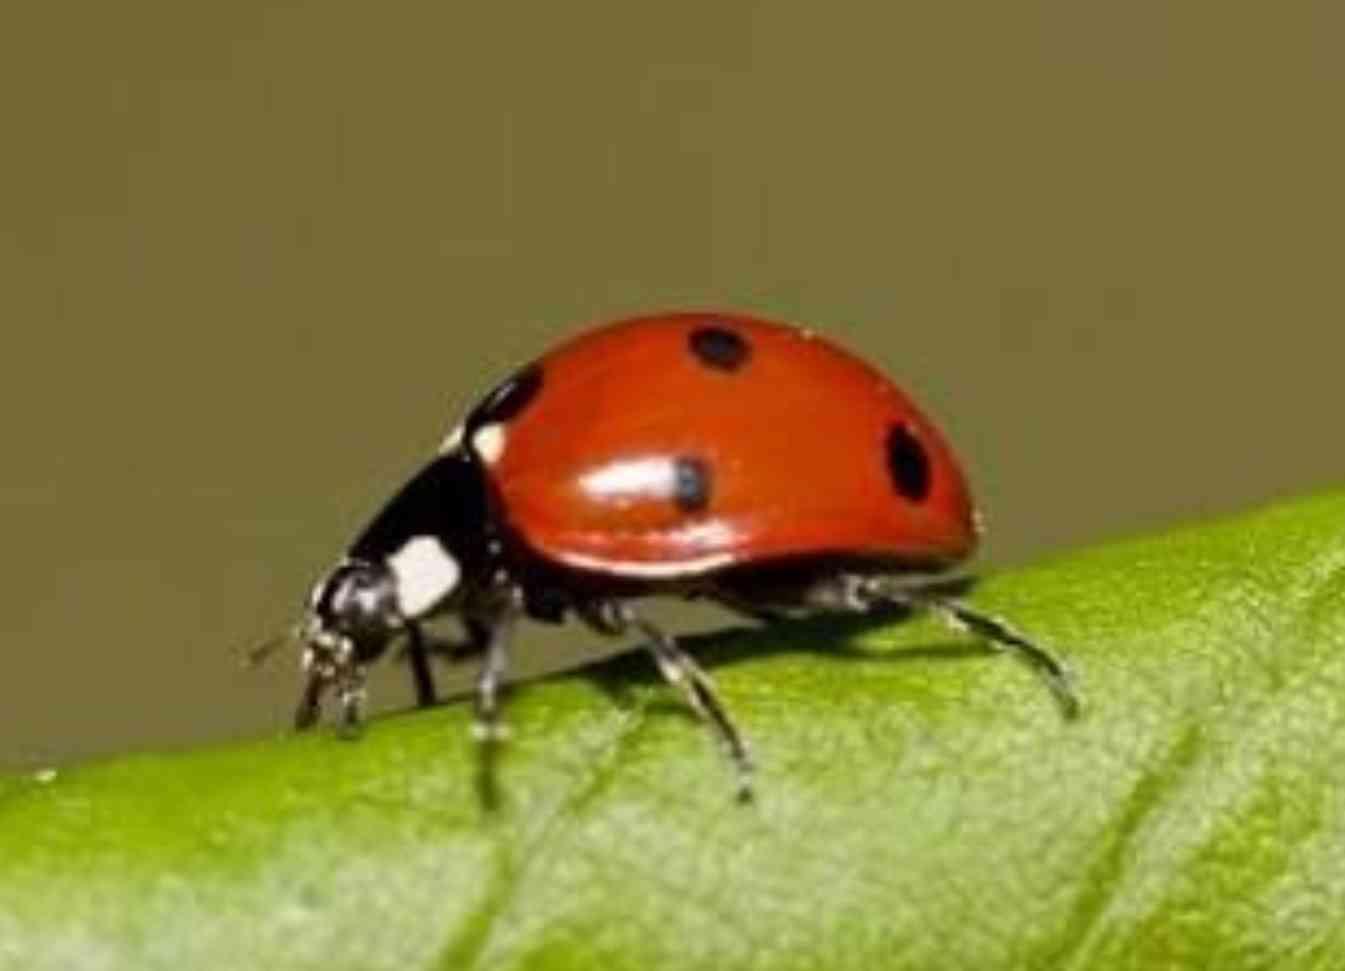 【閲覧注意】もし虫の世界にがるちゃんがあったら立ちそうなトピpart2